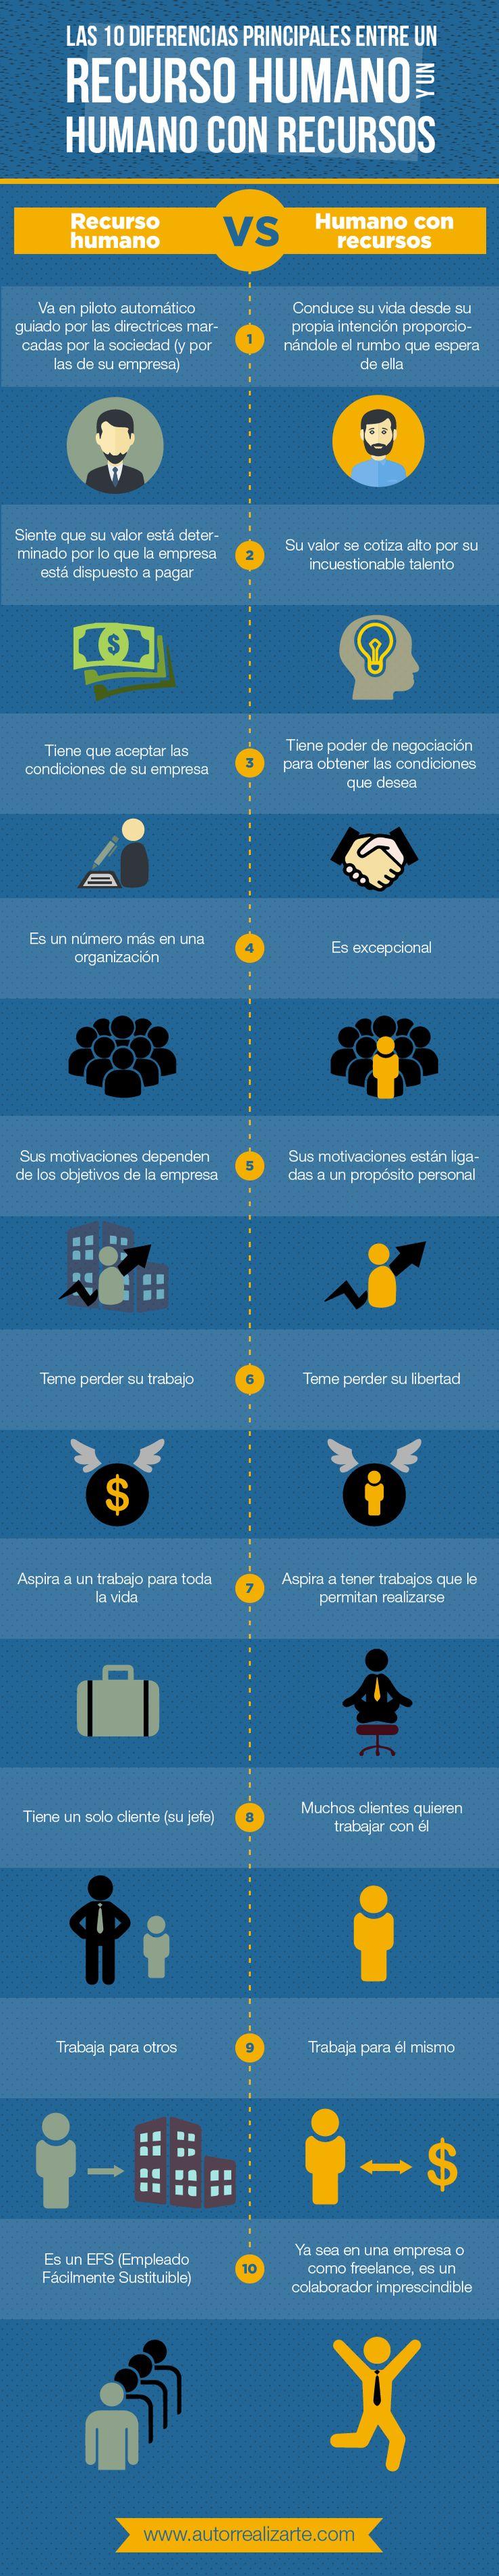 10 Diferencias entre Recurso Humano y Humano con Recursos #infografia #rrhh                                                                                                                                                                                 Más